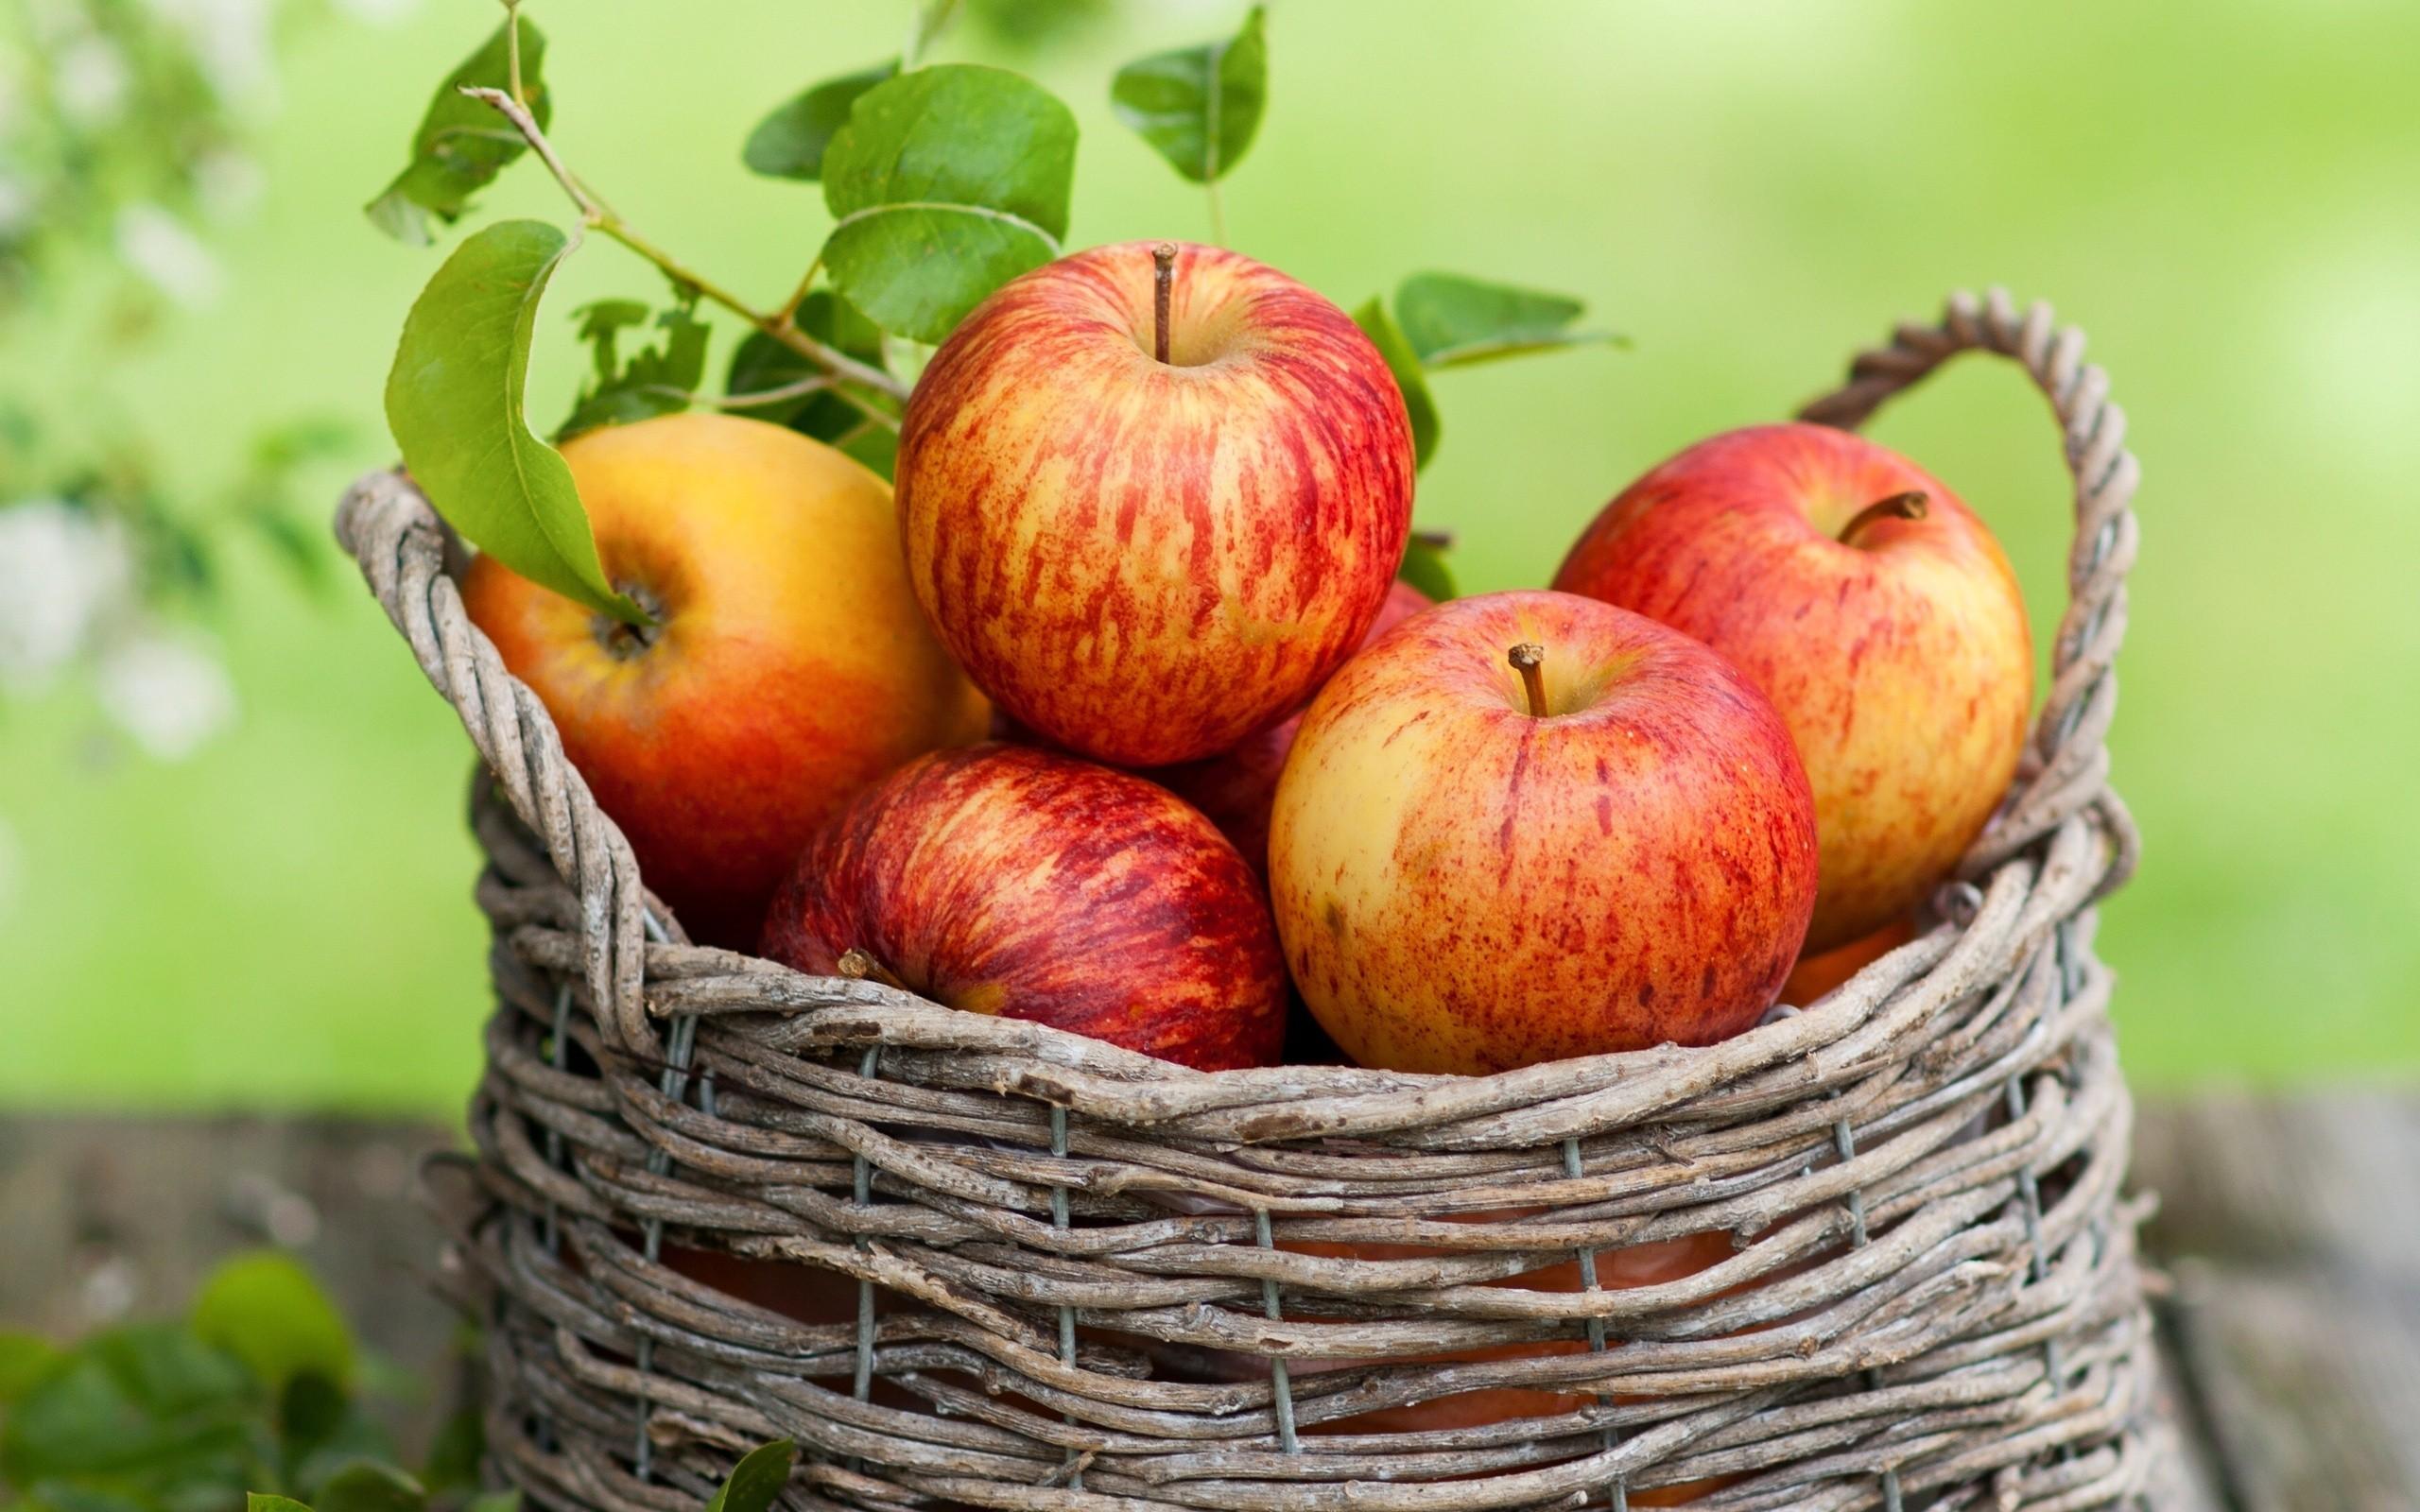 Manzanas en canasta - 2560x1600